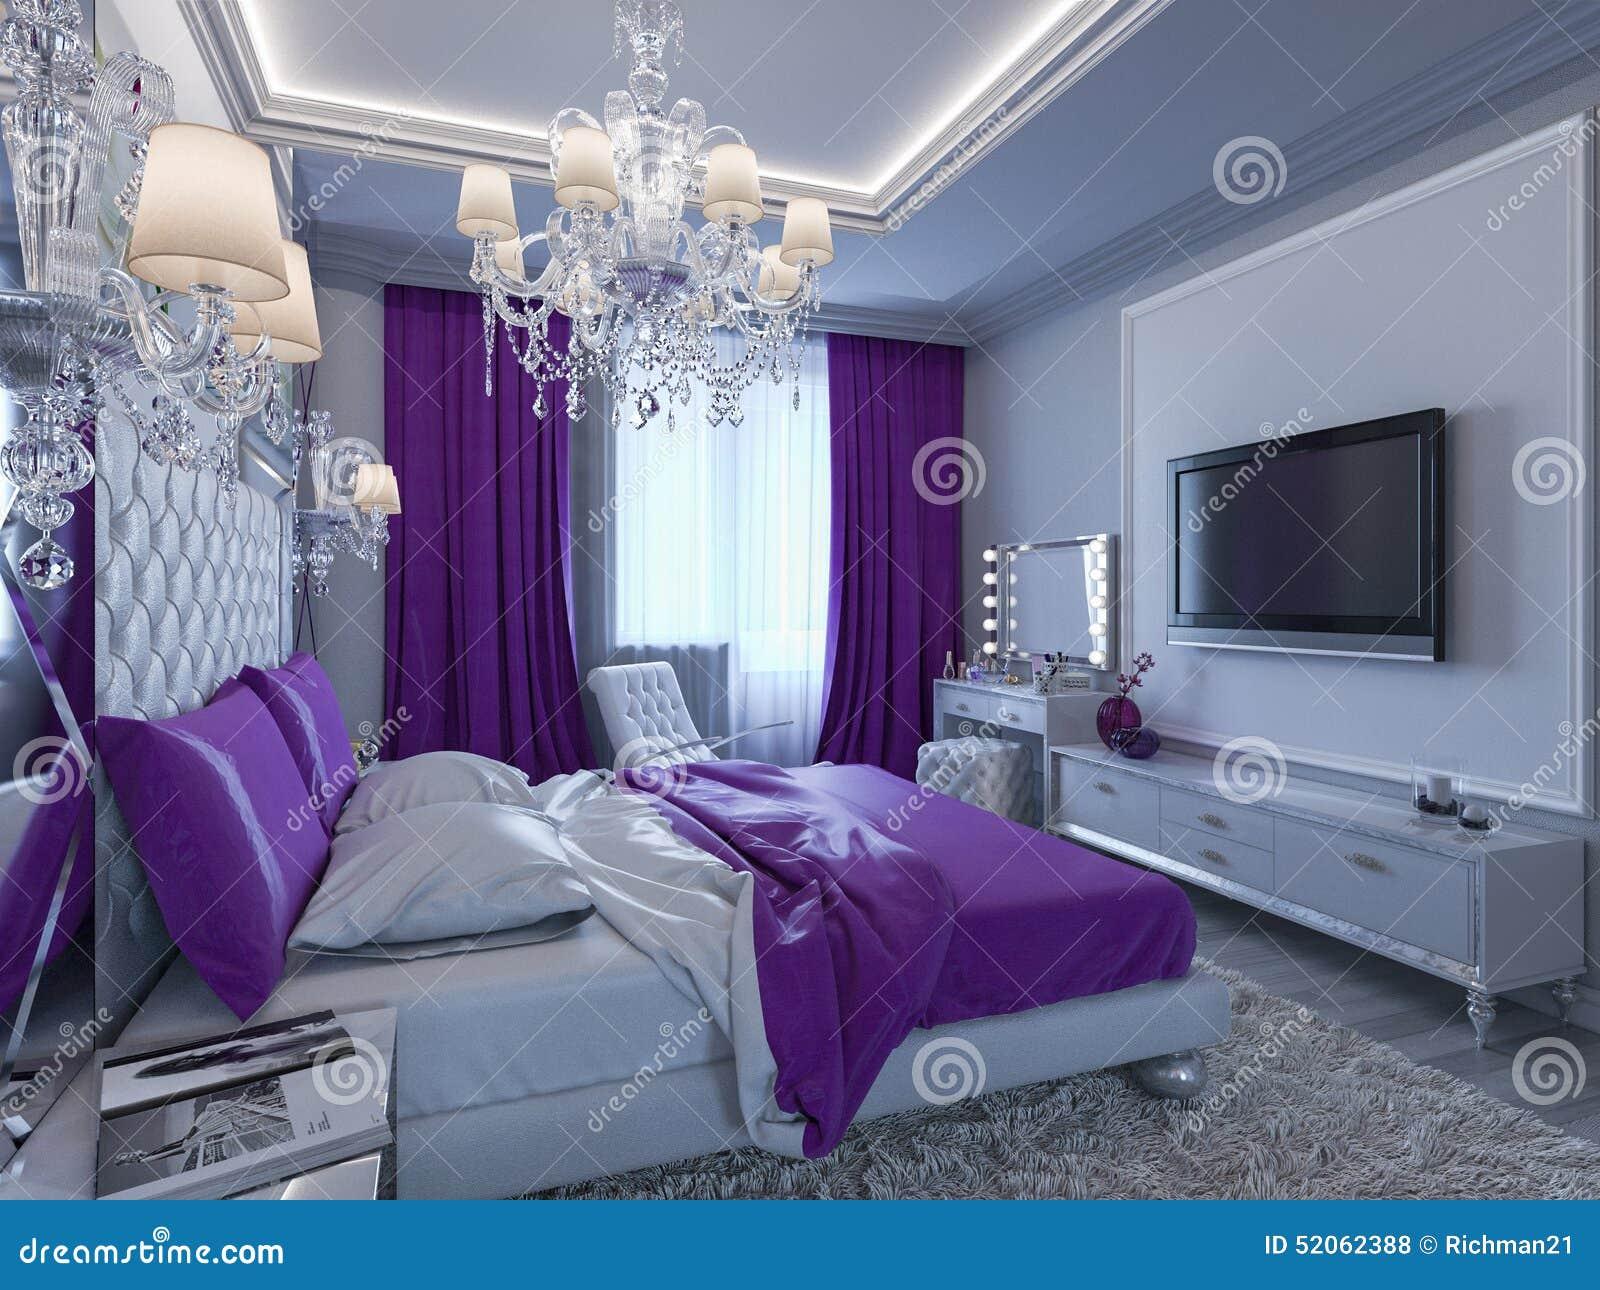 Chambre à Coucher Du Rendu 3d Dans Des Tons Gris Et Blancs Avec Des ...